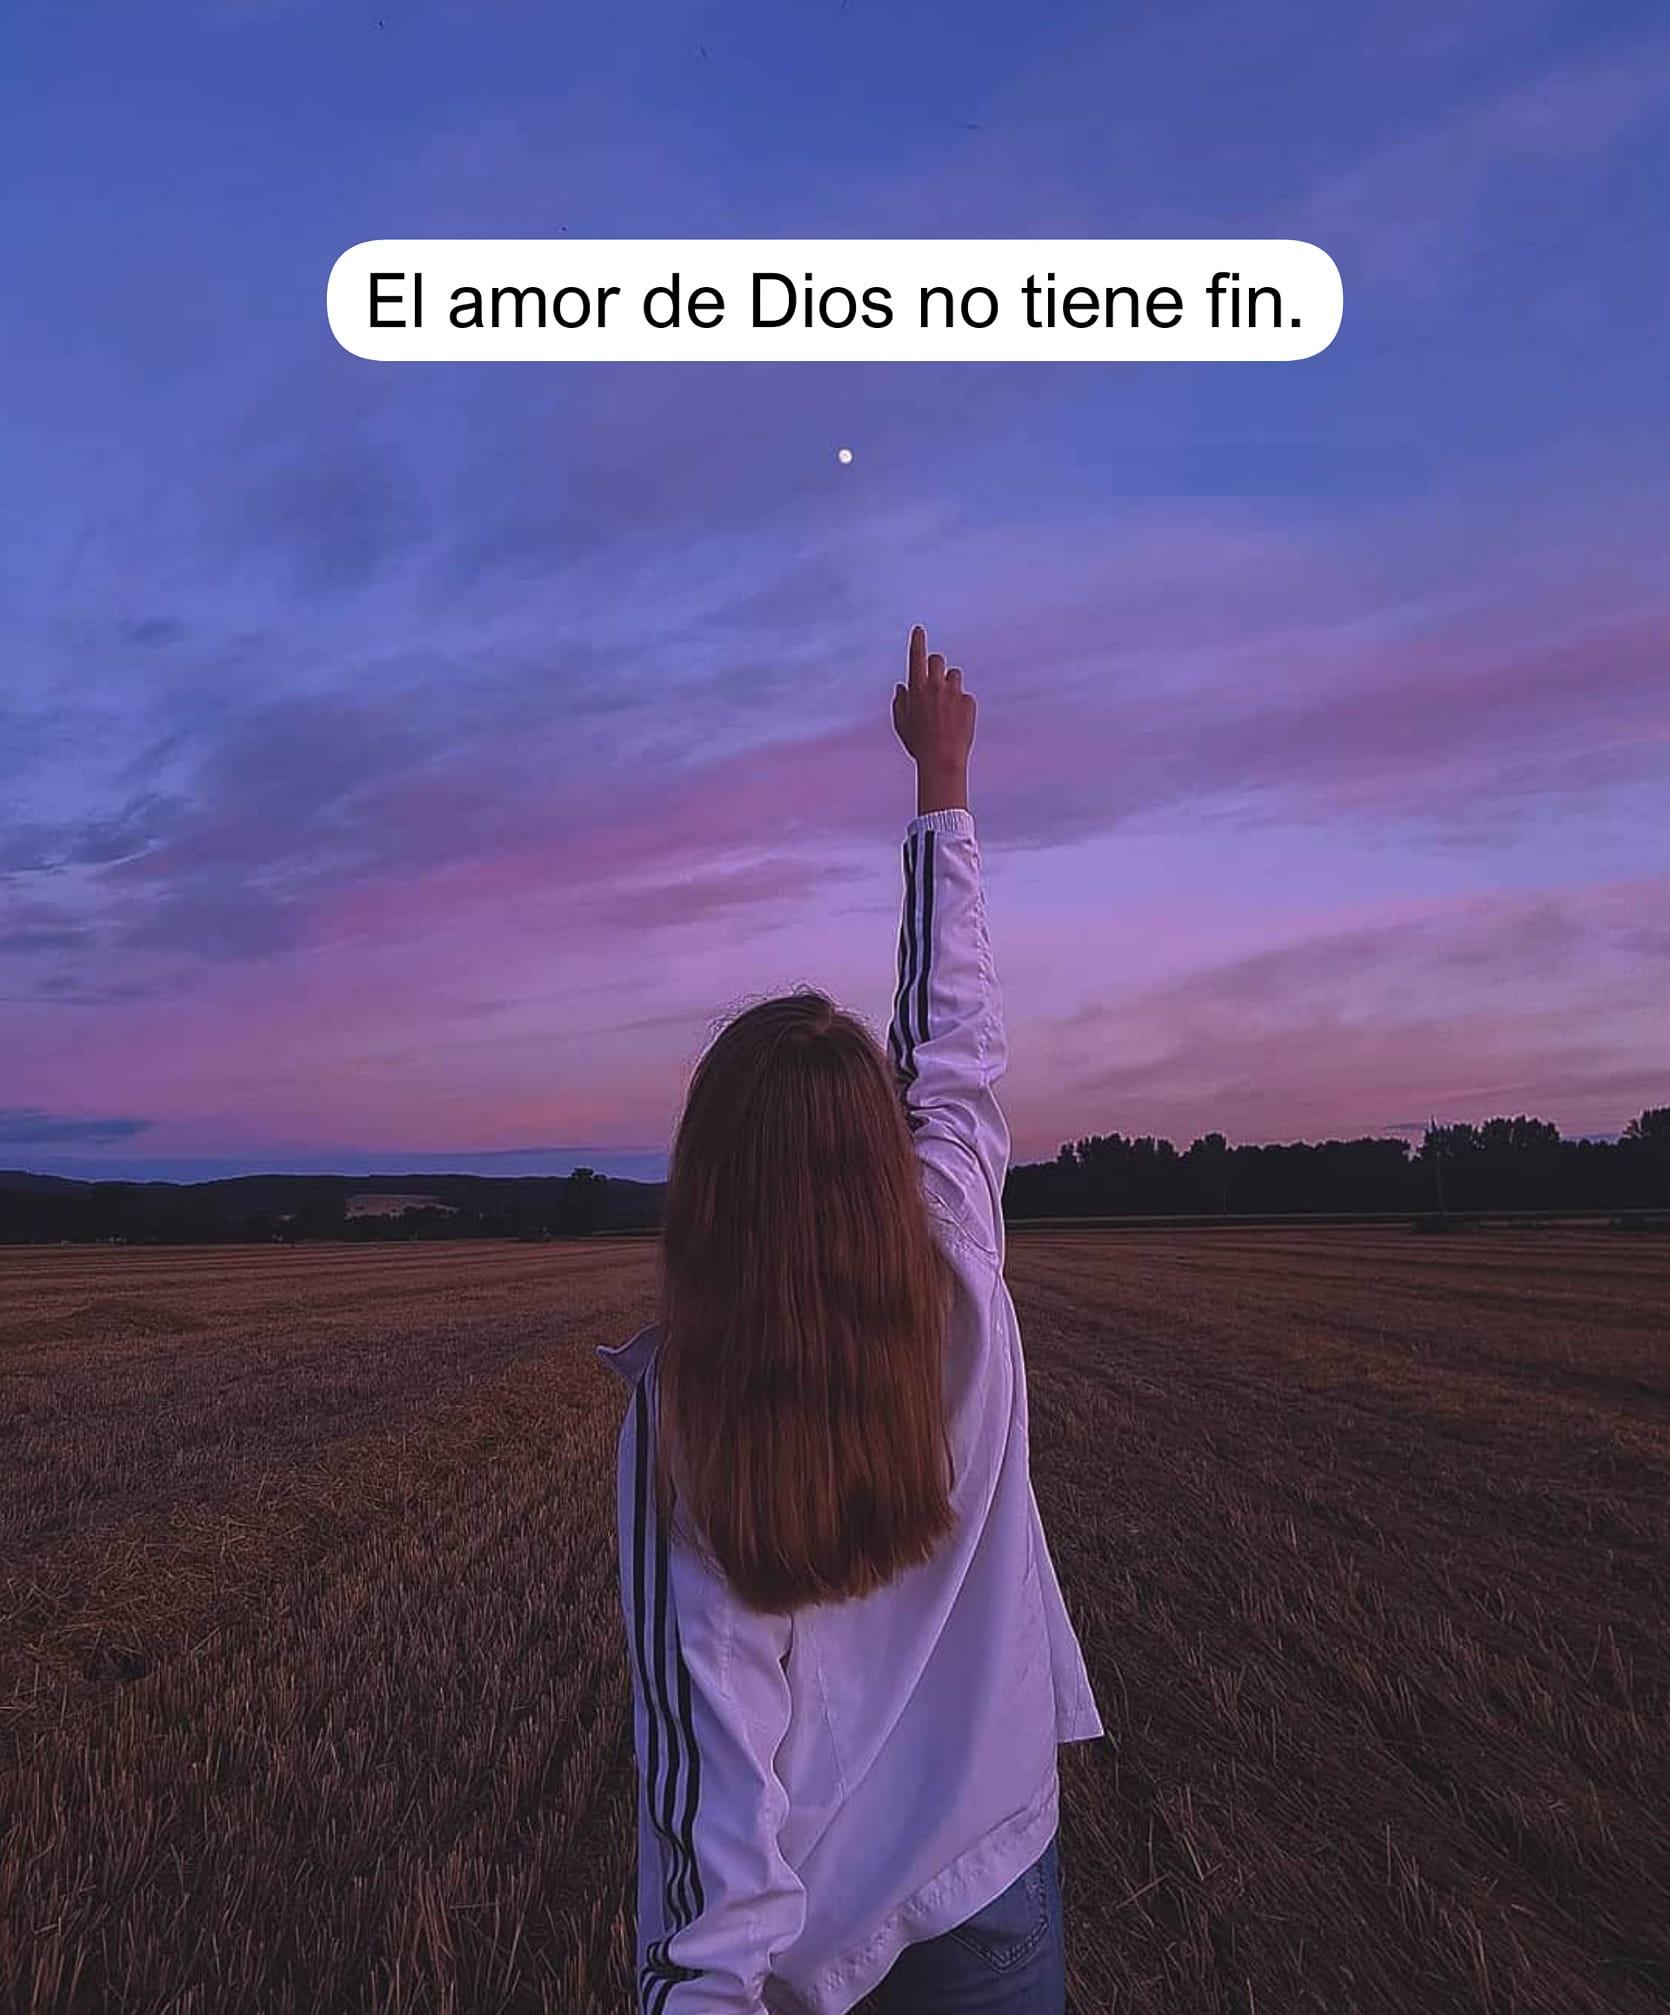 El amor de Dios no tiene fin